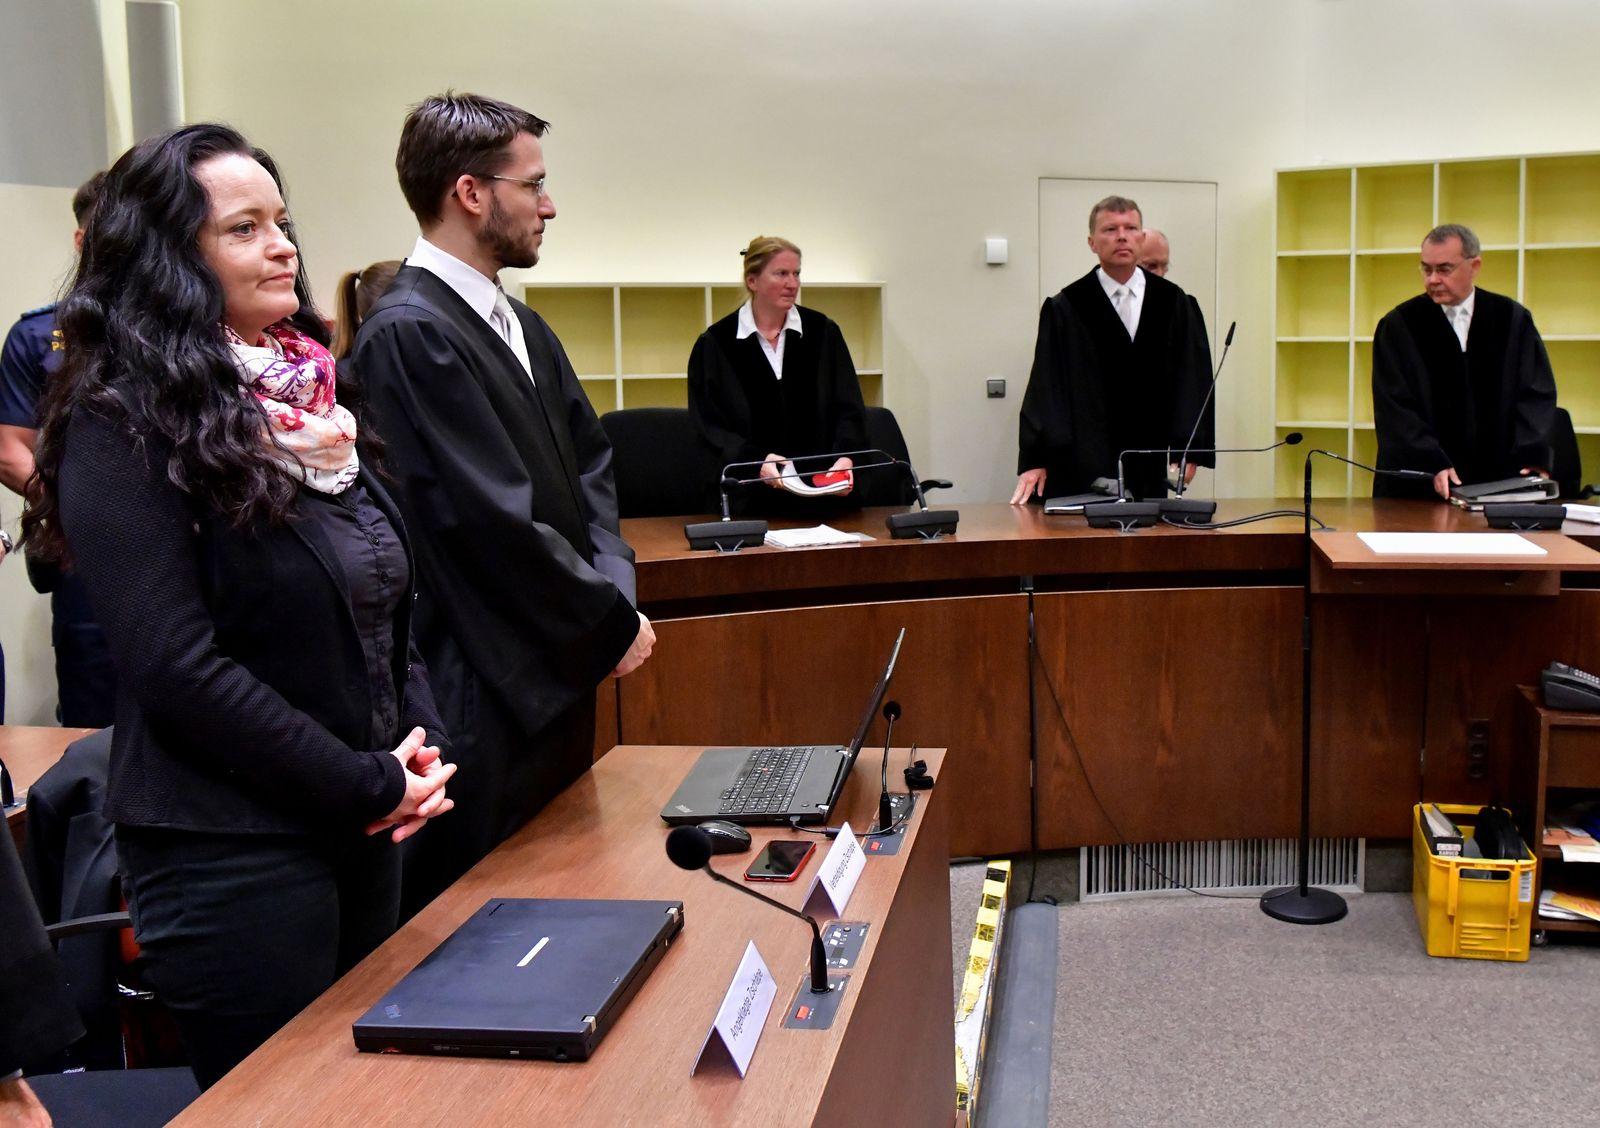 NSU-Prozess/ Urteil